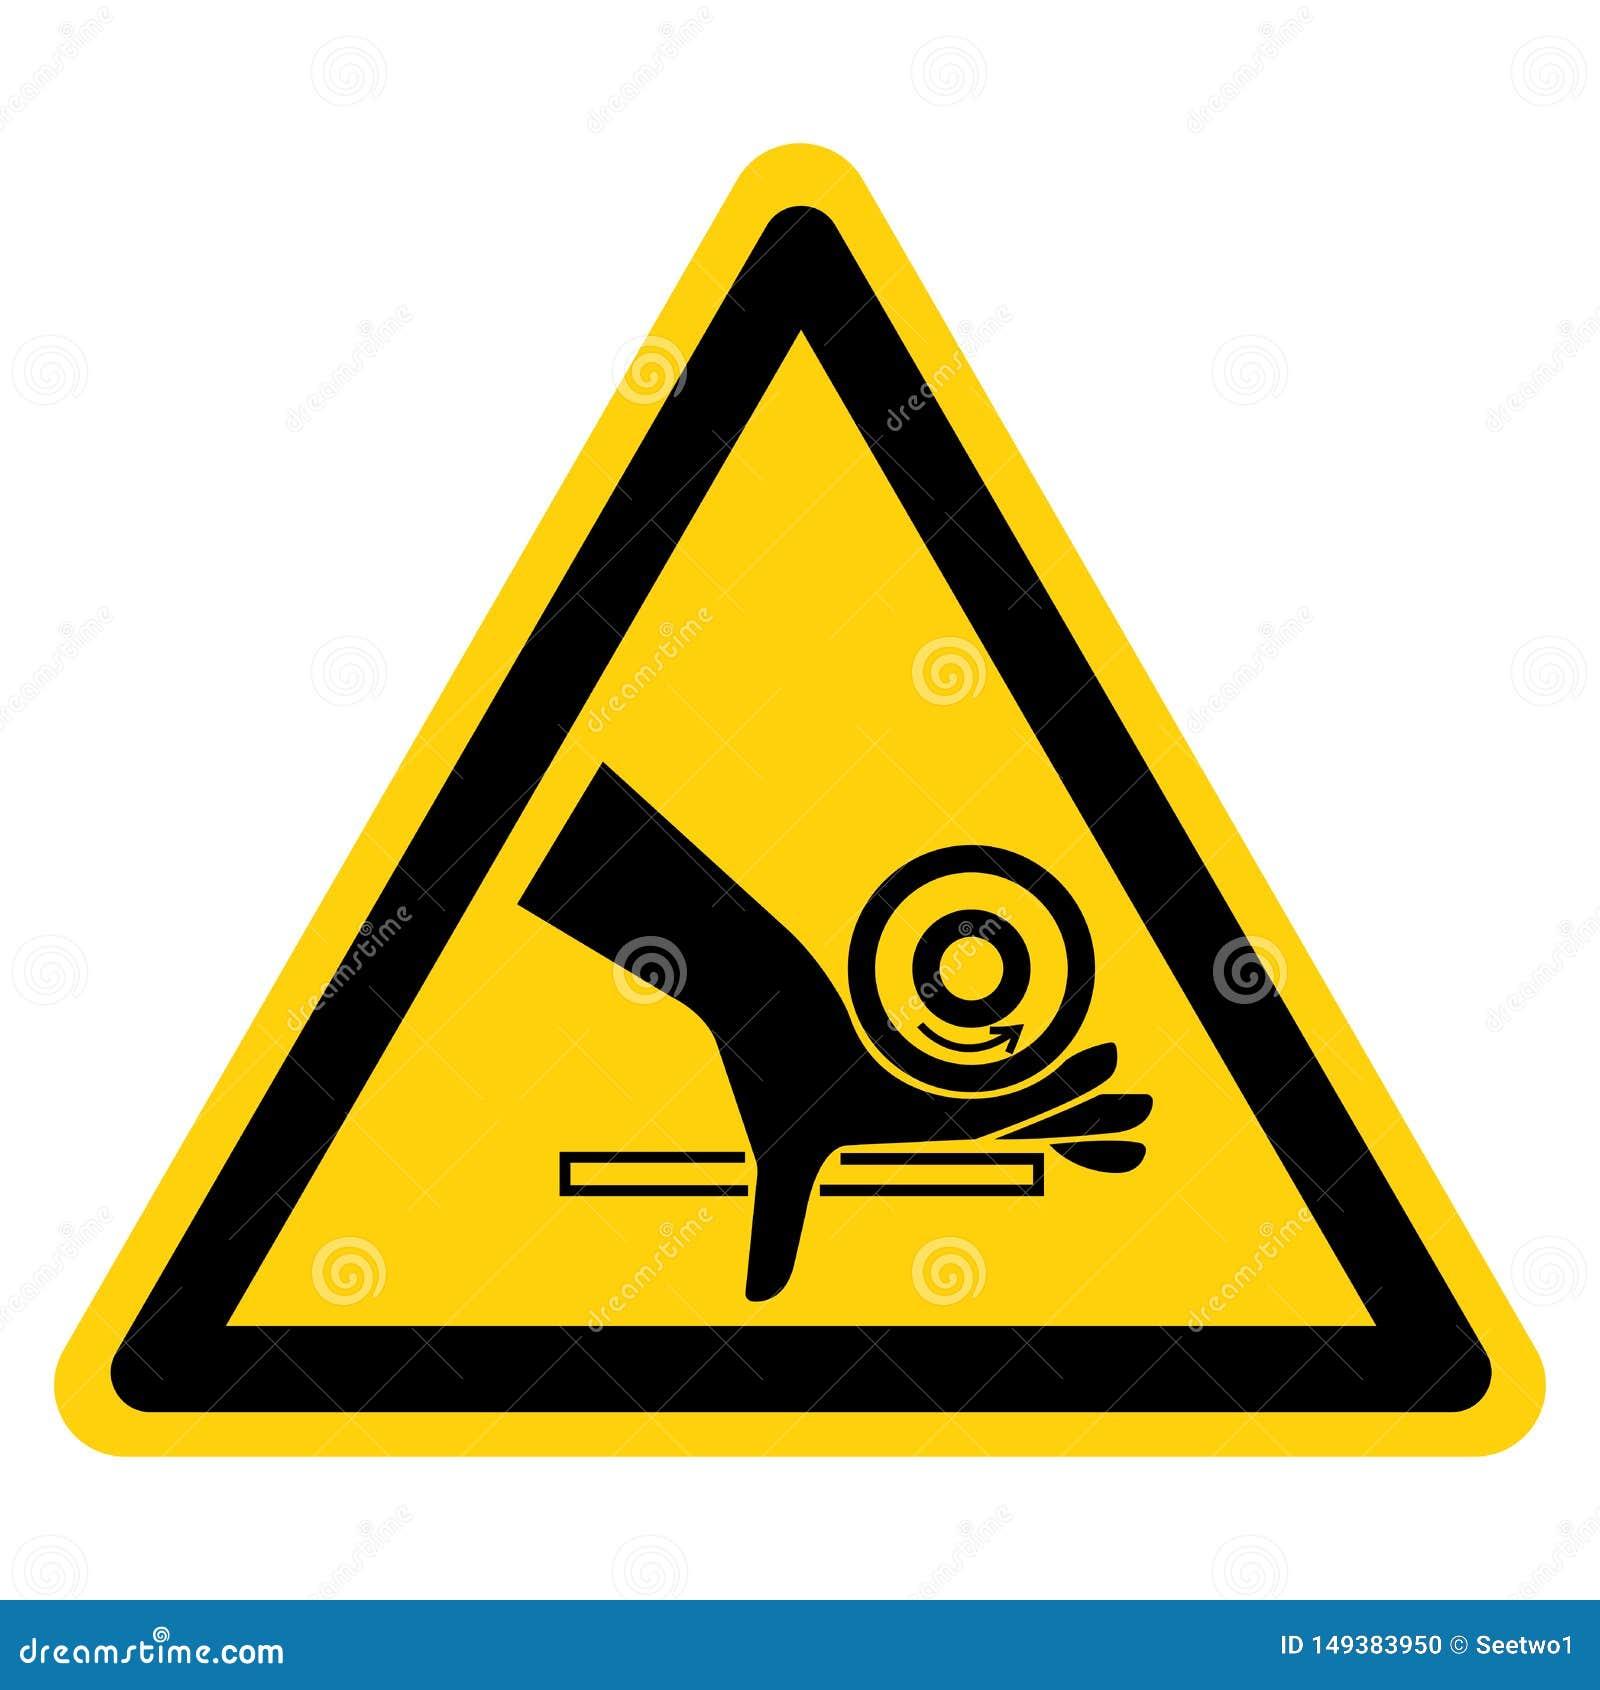 Isolado do sinal do s?mbolo do ponto de pitada do rolo do esmagamento da m?o no fundo branco, ilustra??o do vetor